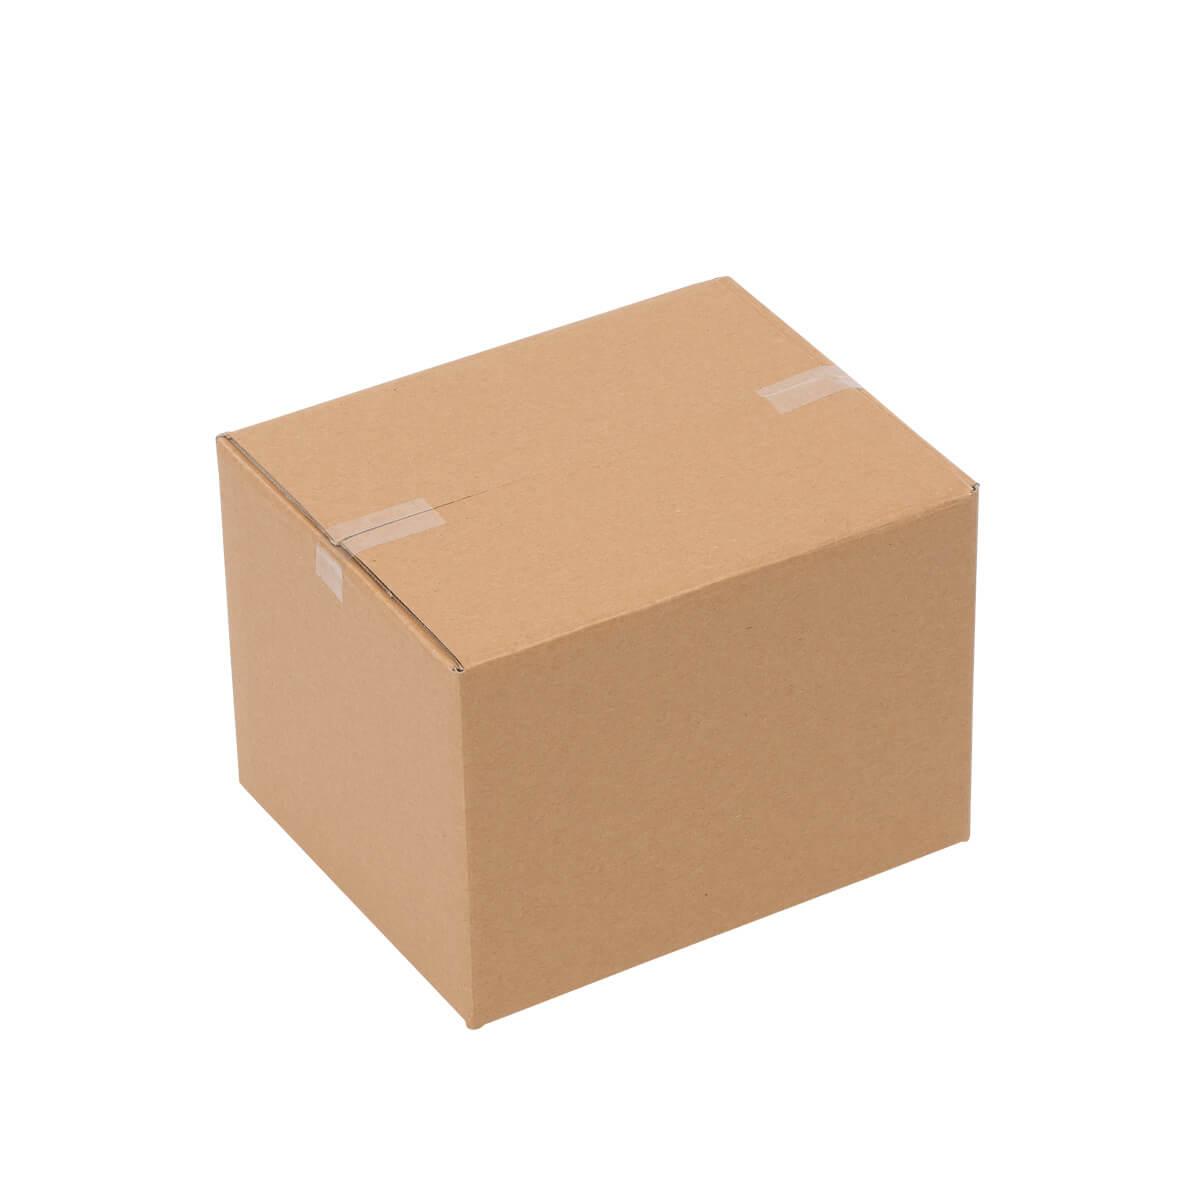 170x140x120 mm einwelliger faltkarton pack haus verpackung direkt vom hersteller. Black Bedroom Furniture Sets. Home Design Ideas